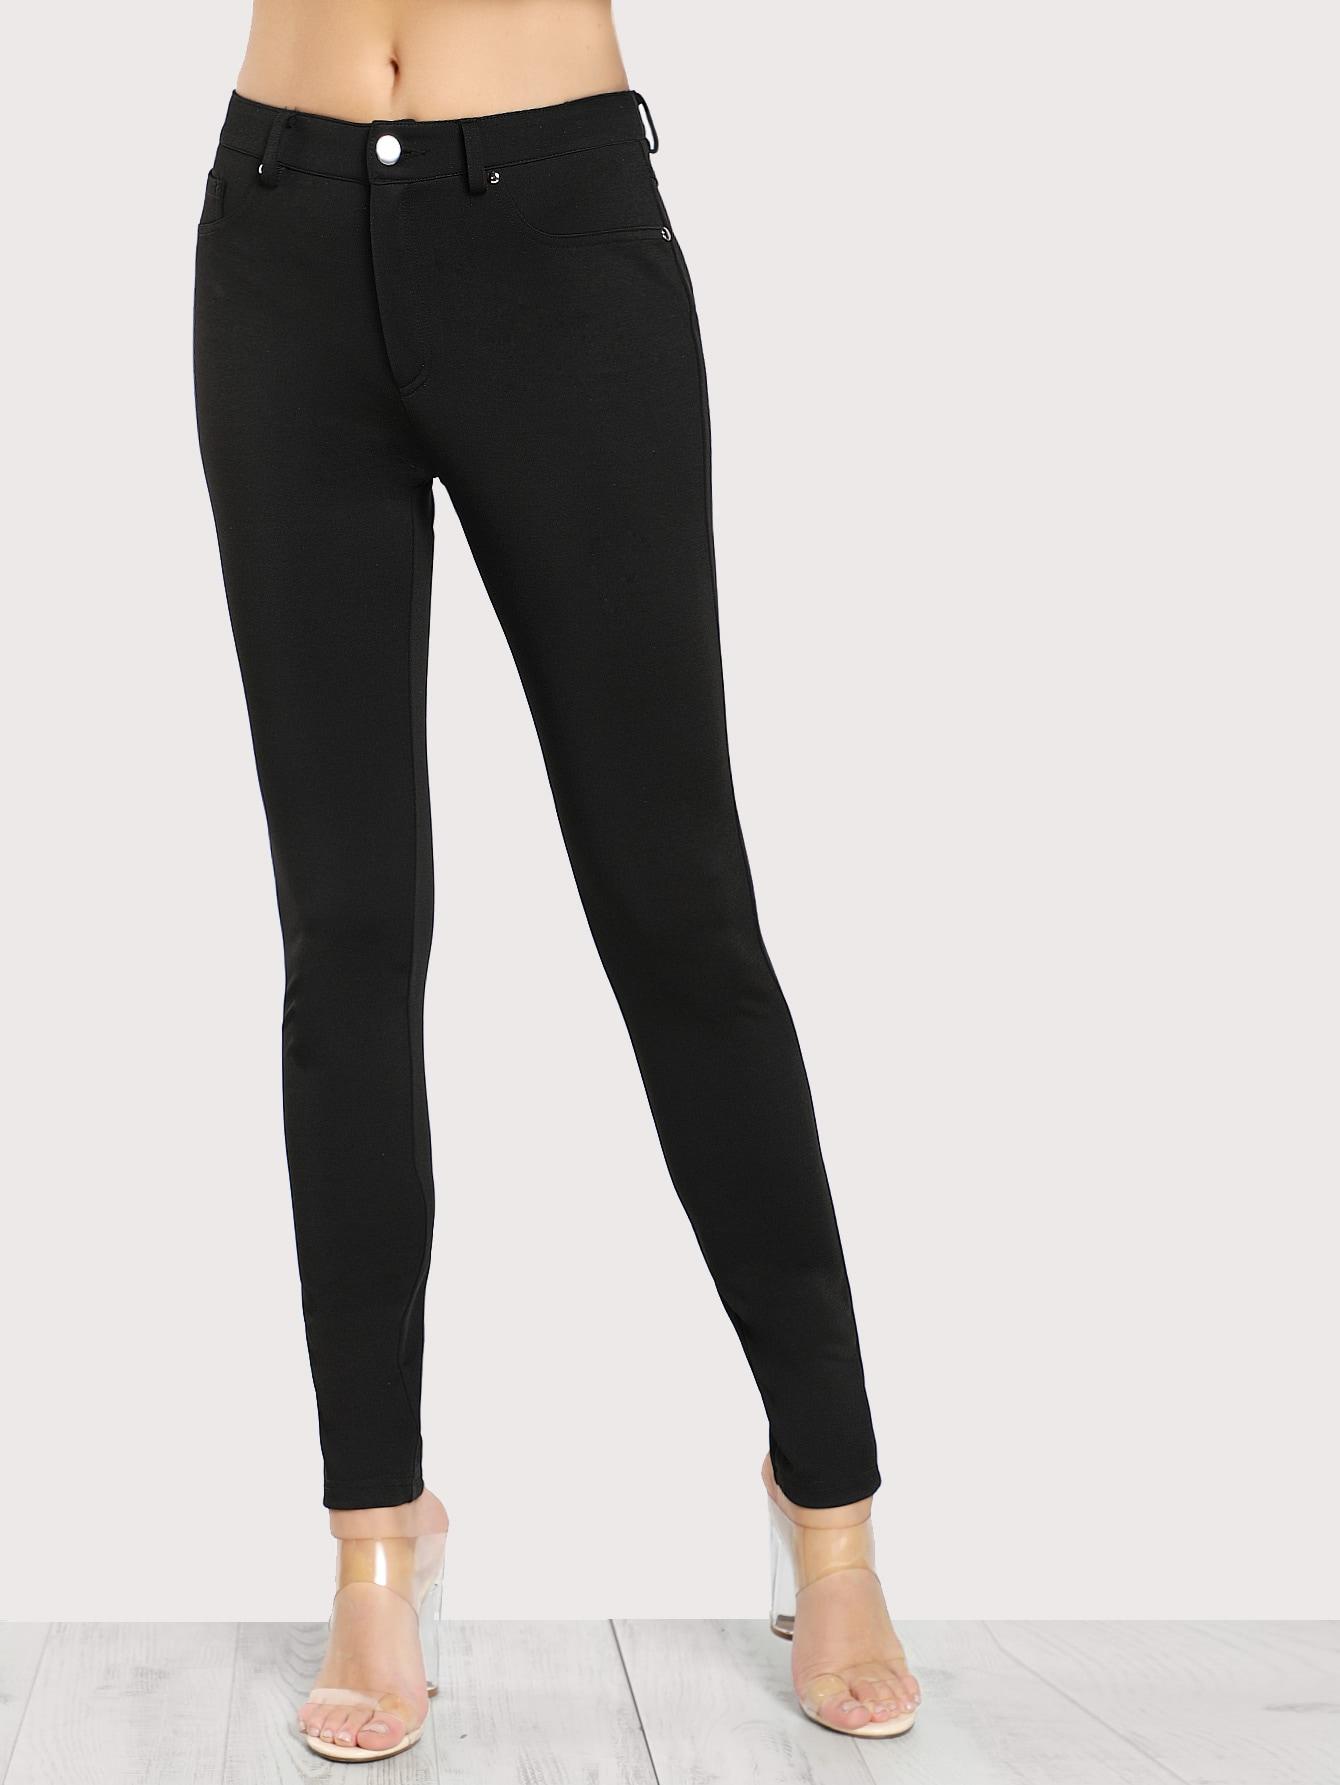 5 Pocket Solid Skinny Pants